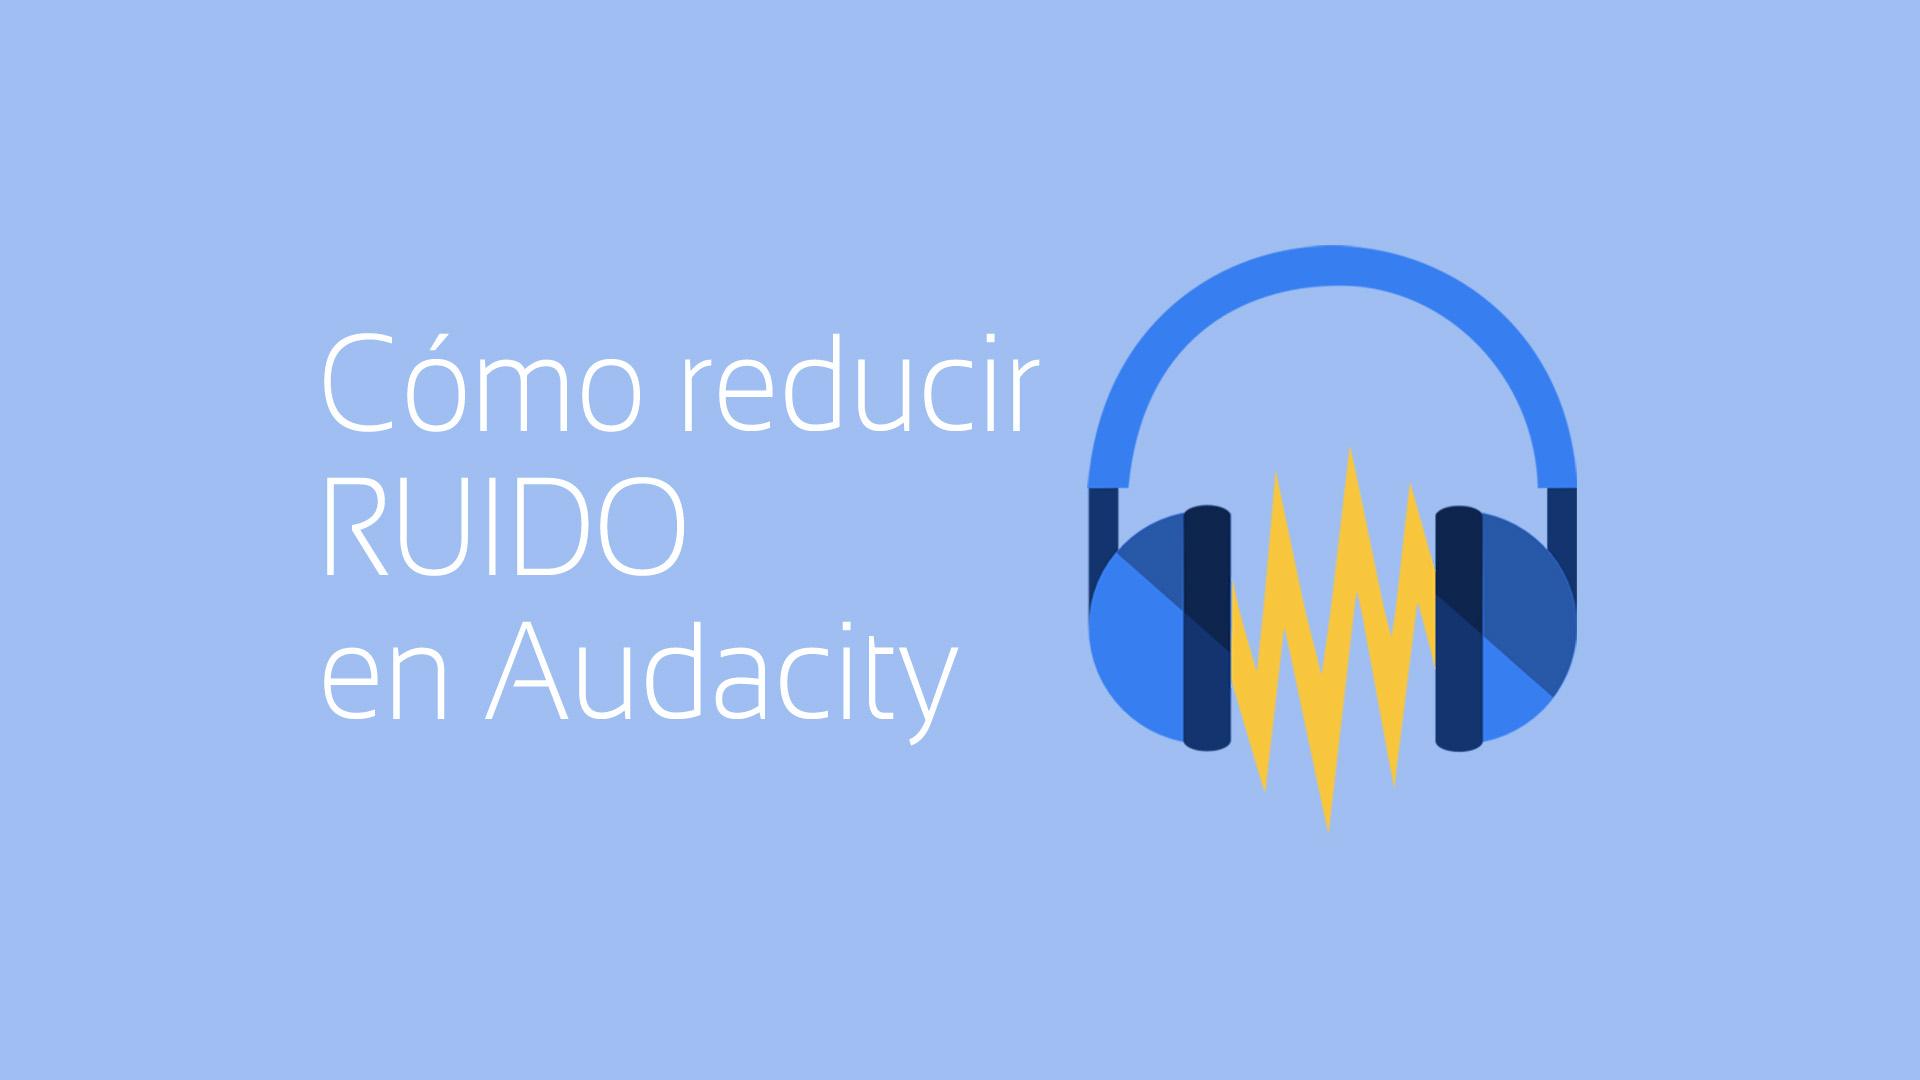 como reducir ruido con audacity